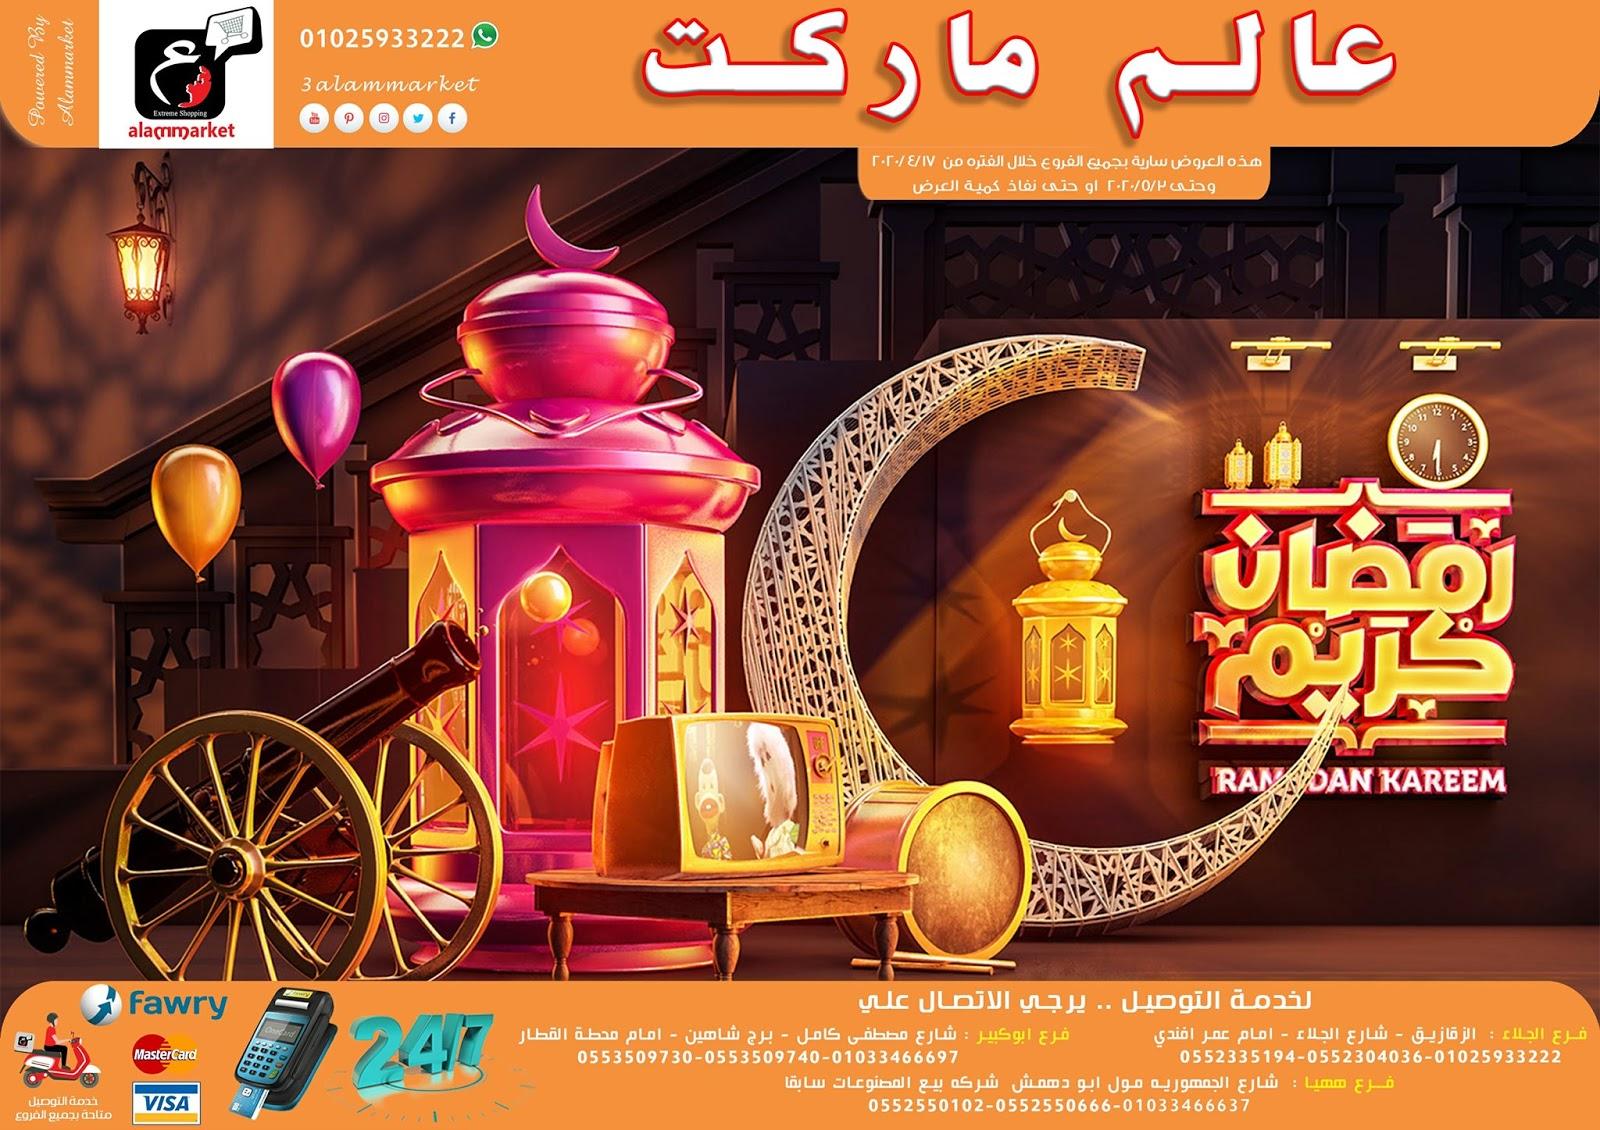 عروض عالم ماركت الزقازيق من 17 ابريل حتى 3 مايو 2020 رمضان كريم